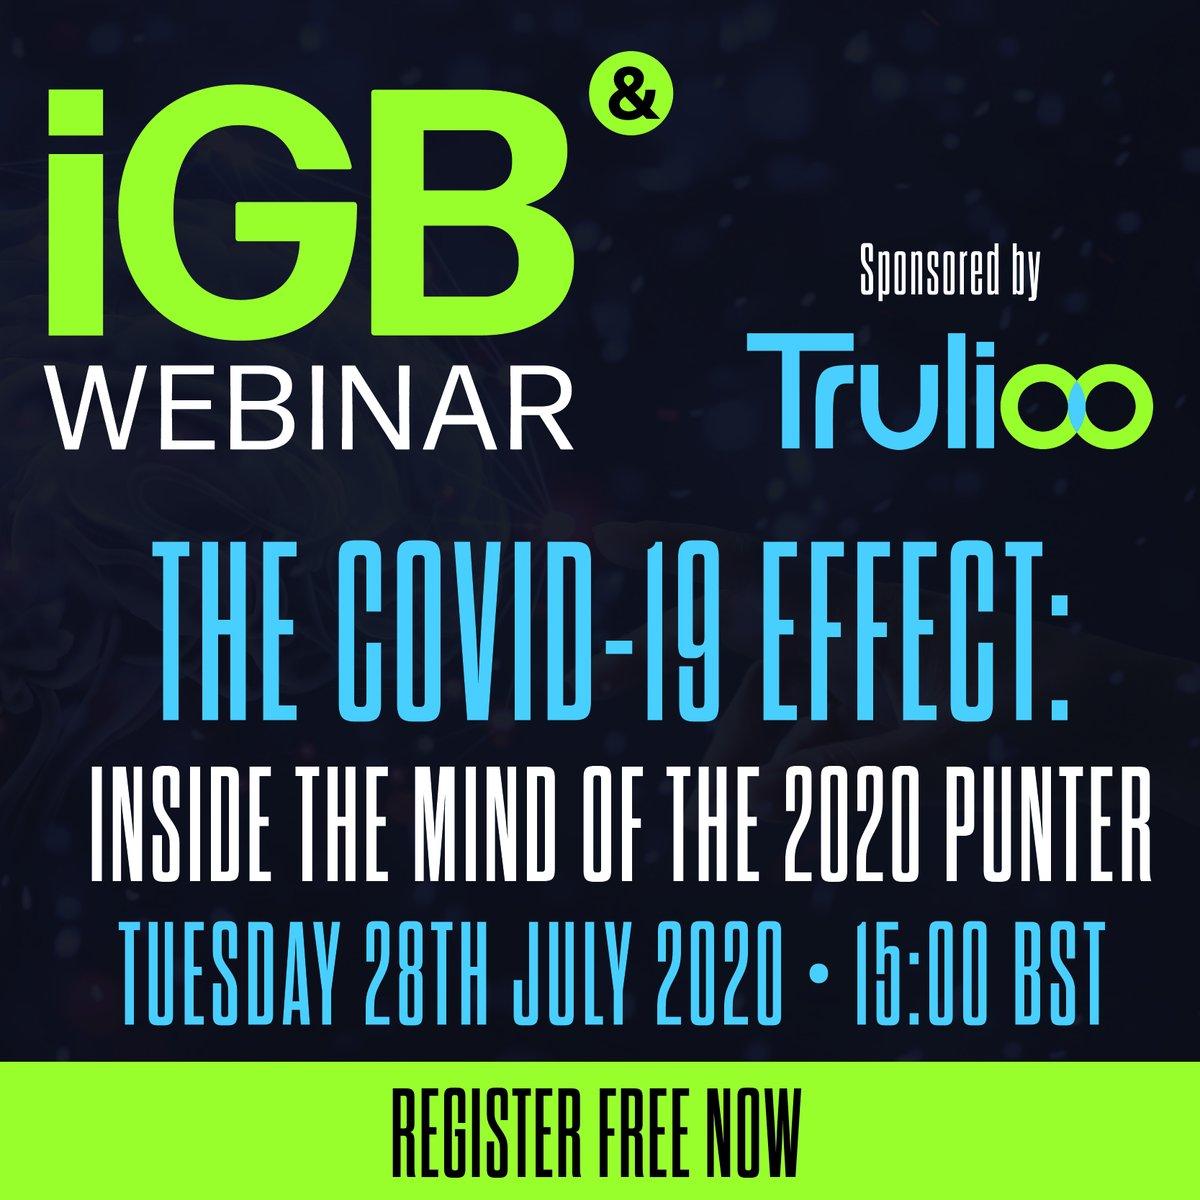 NEW WEBINAR: The COVID Effect - inside the mind of the 2020 punter  Register below! https://t.co/5K5eO7Mfui https://t.co/jmMyTg7jRz